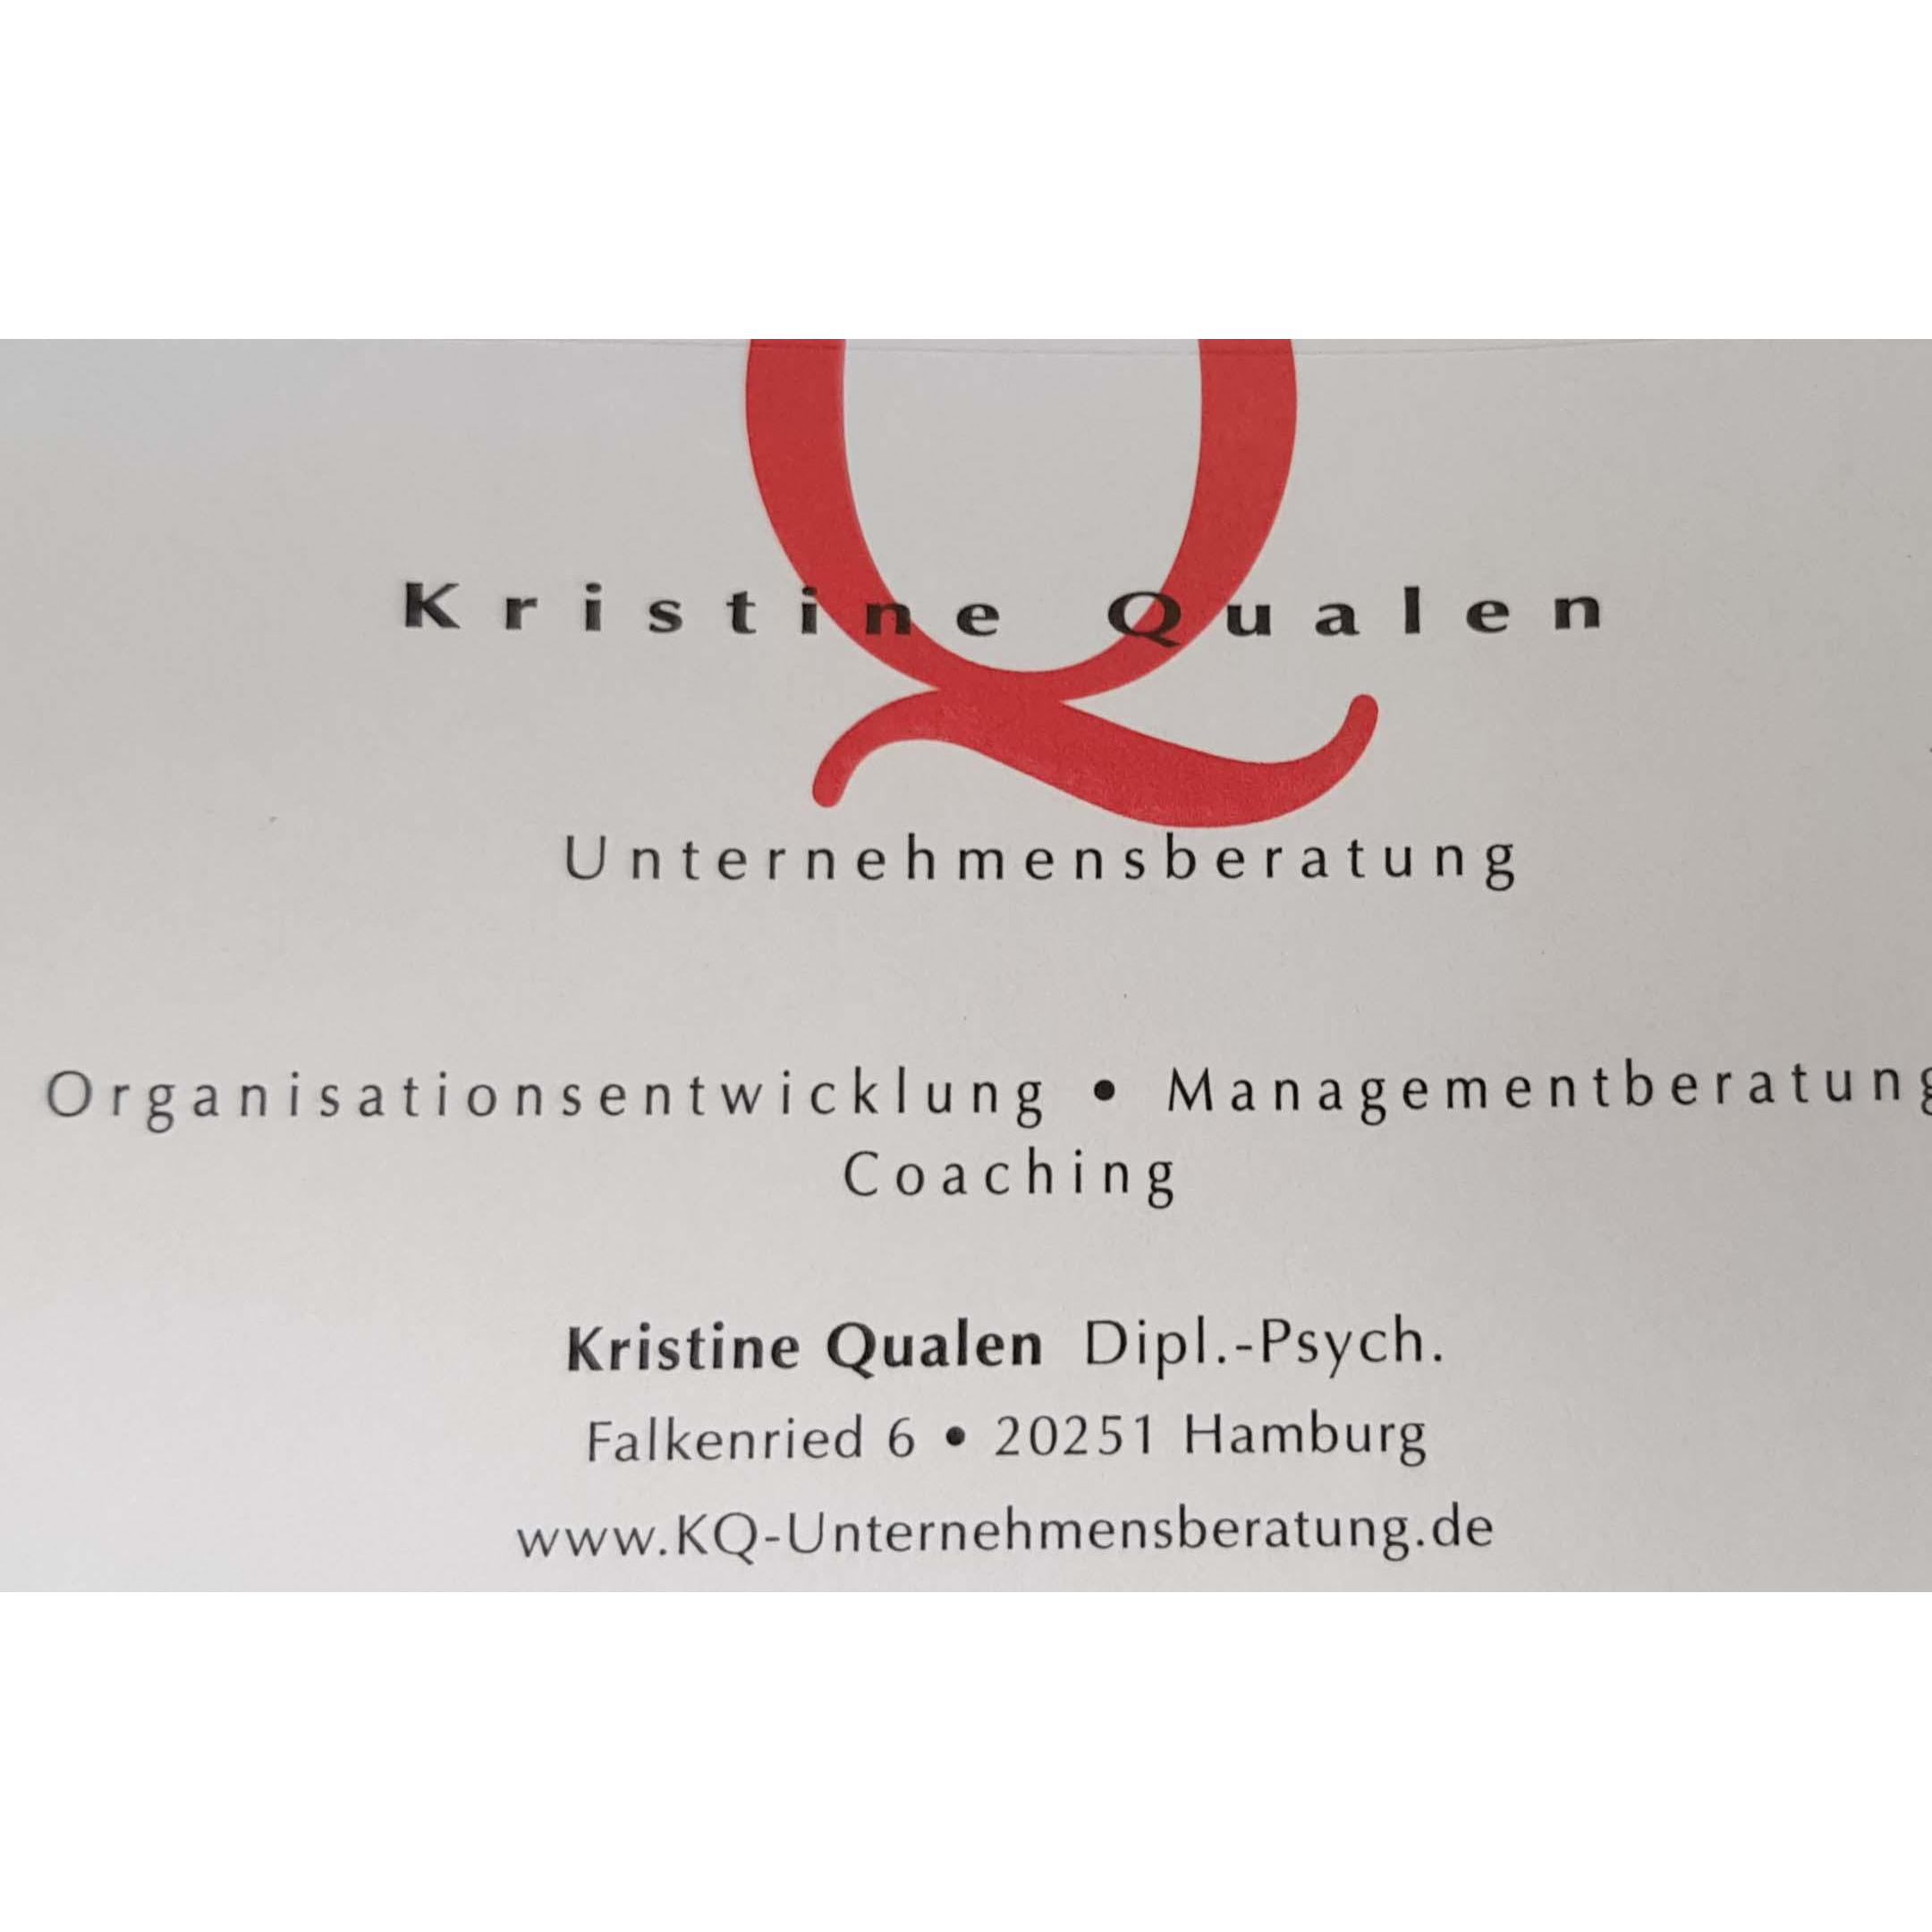 Bild zu Dipl.-Psych. Kristine Qualen Organisationsentwicklung Managementberatung Coaching in Hamburg